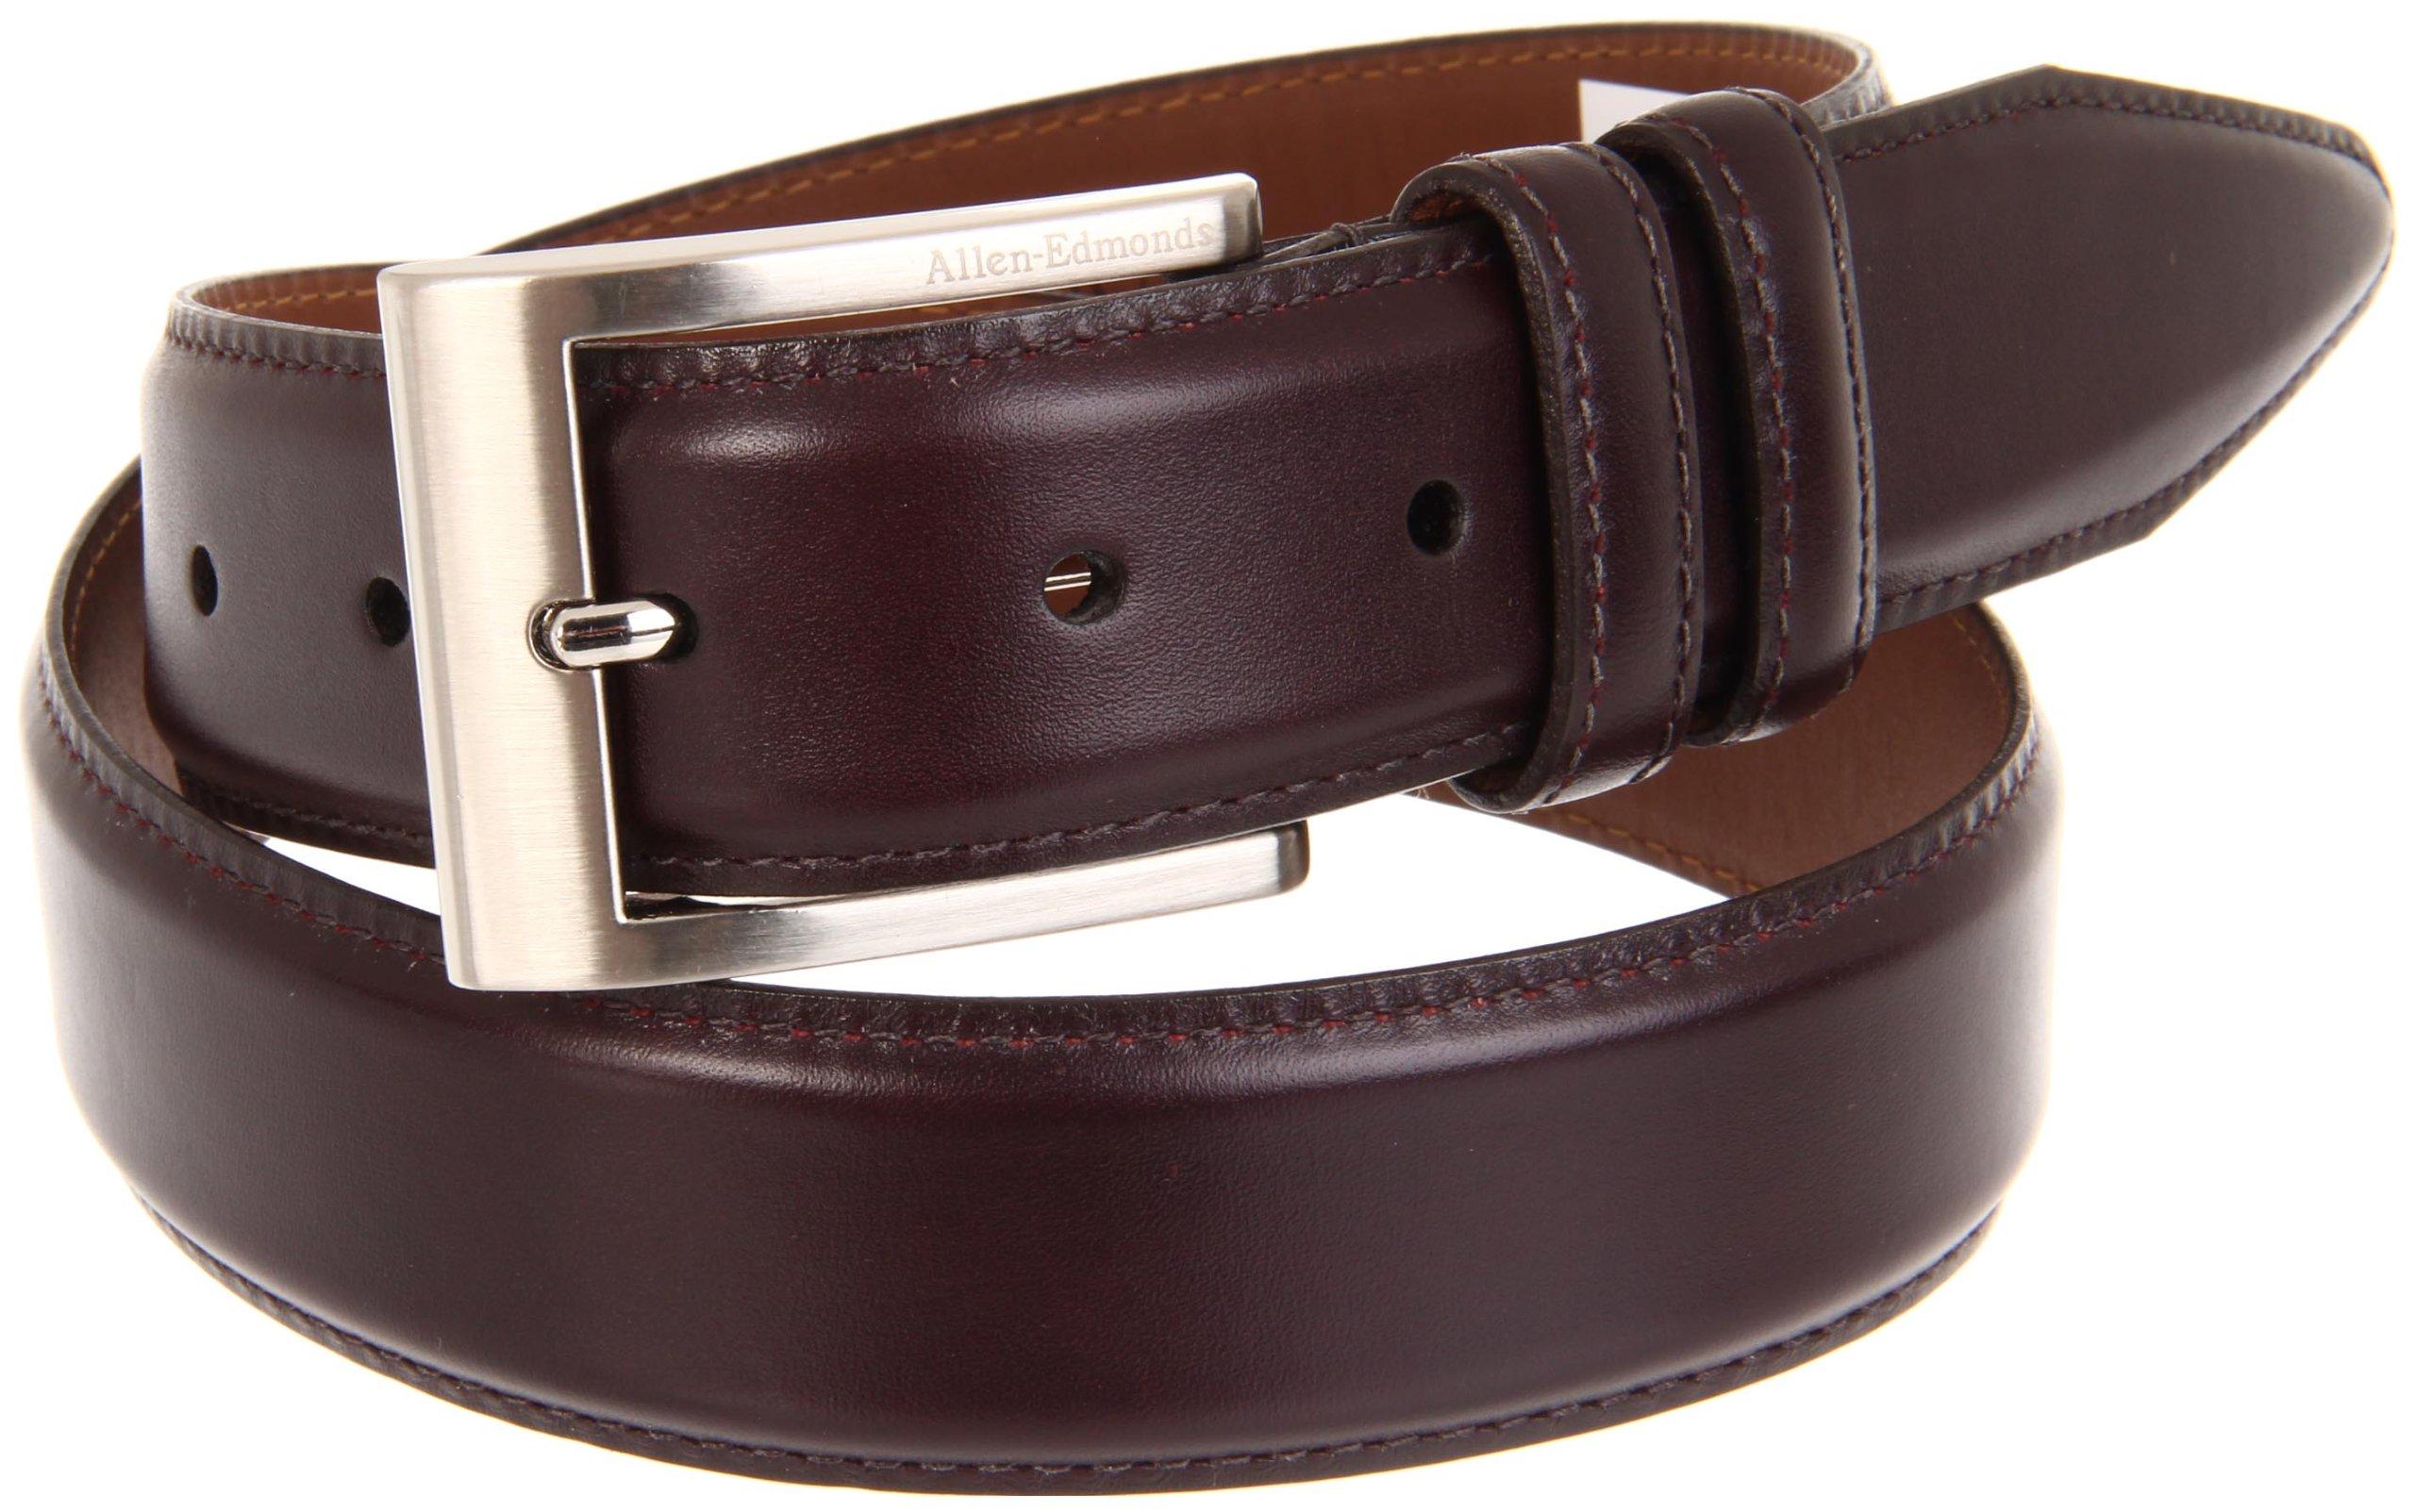 Allen Edmonds Men's Basic Wide Dress Belt,Merlot,38'' Waist